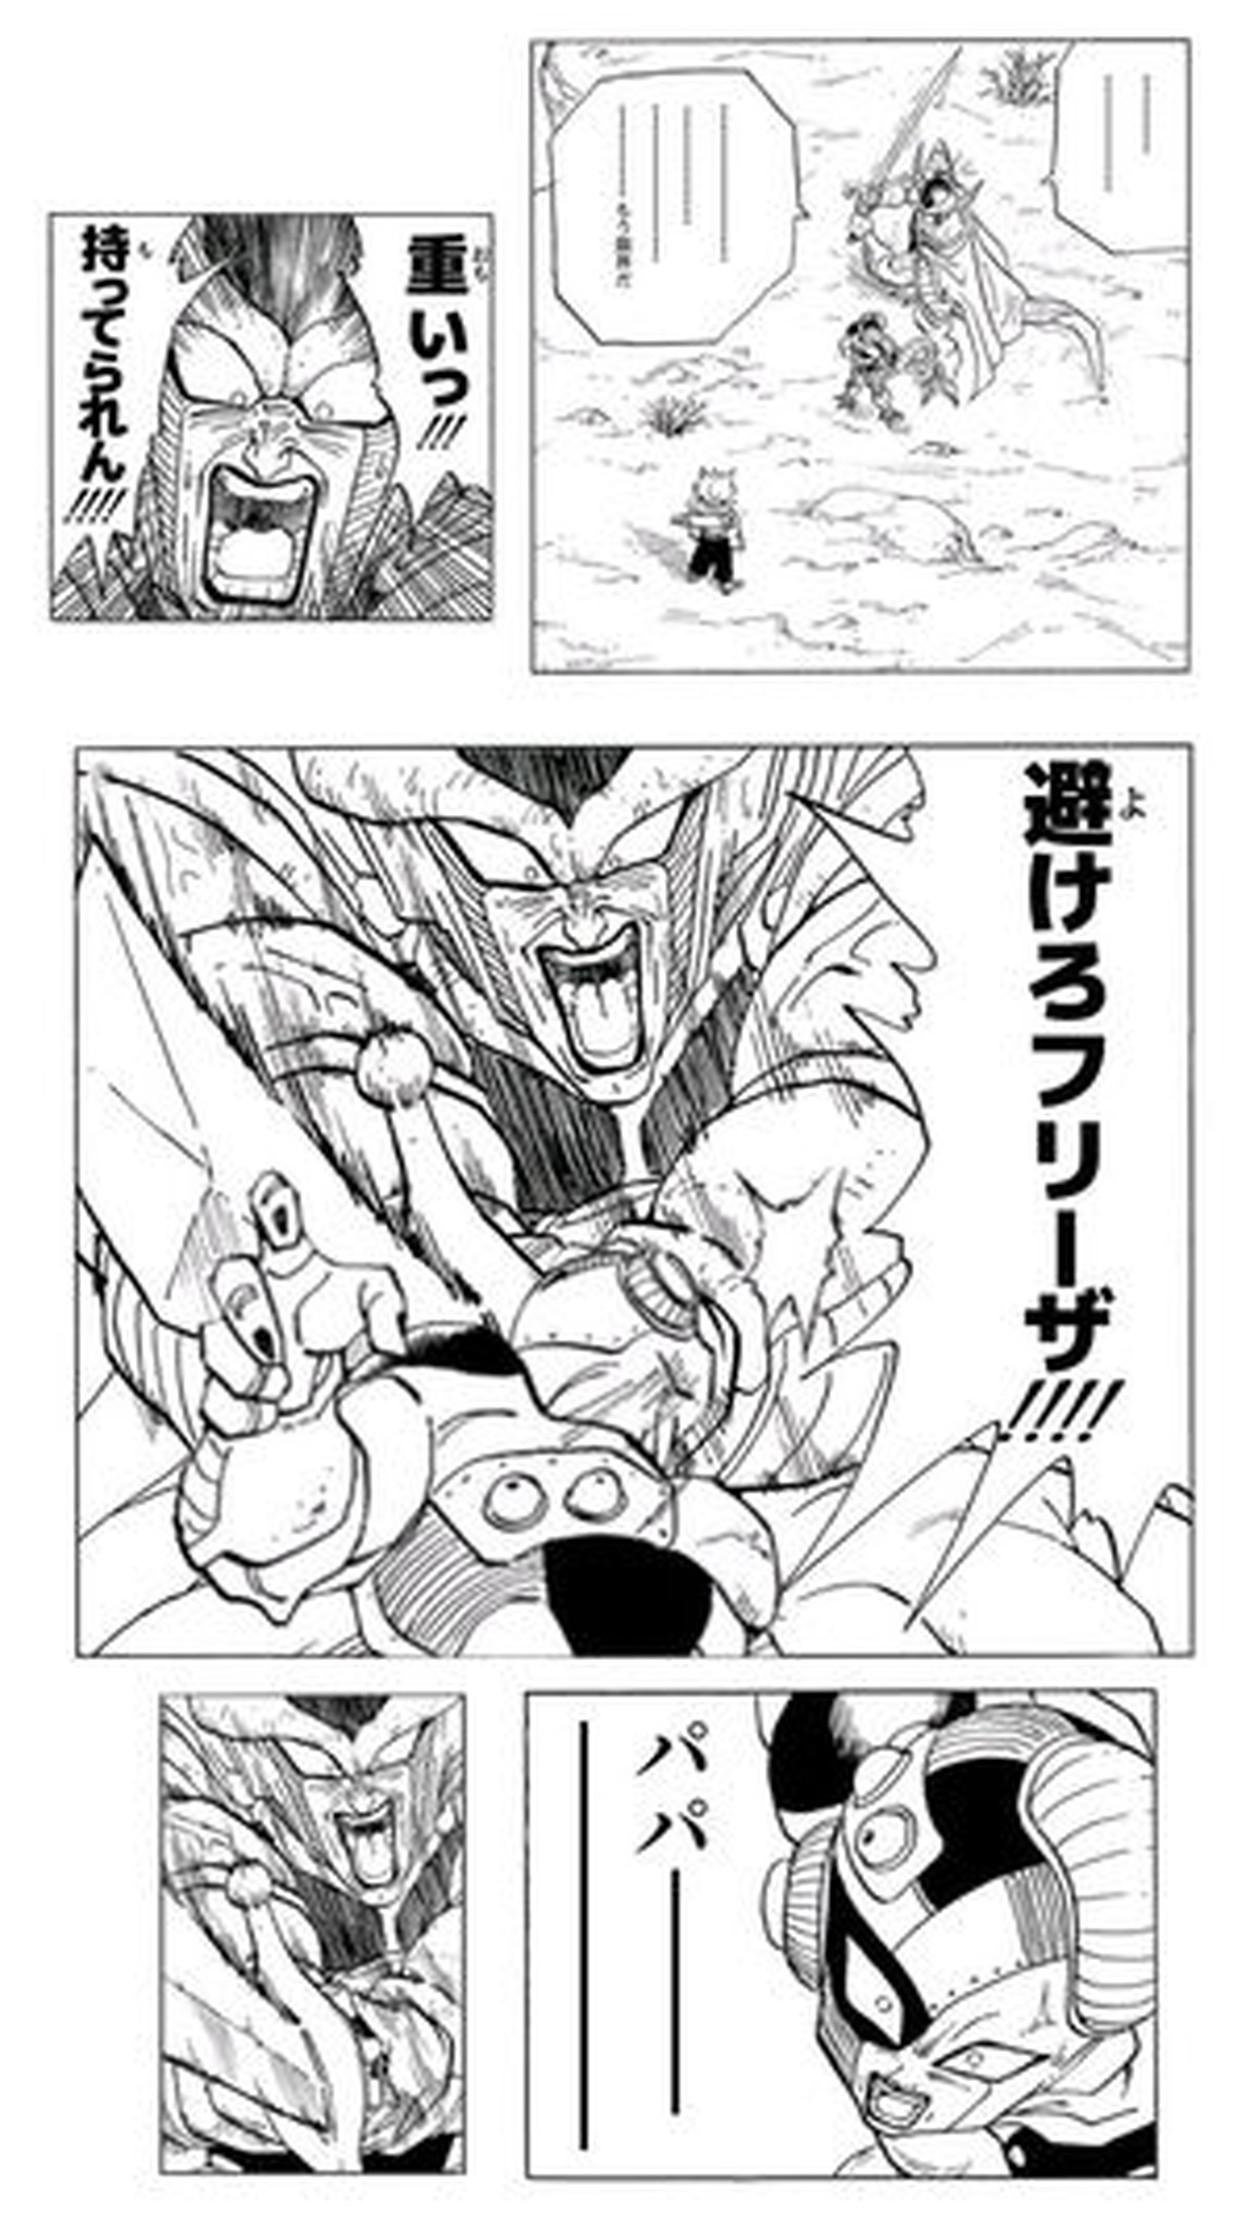 mig - 【腹筋崩壊】ドラゴンボールの面白いコラ画像まとめてみた!!